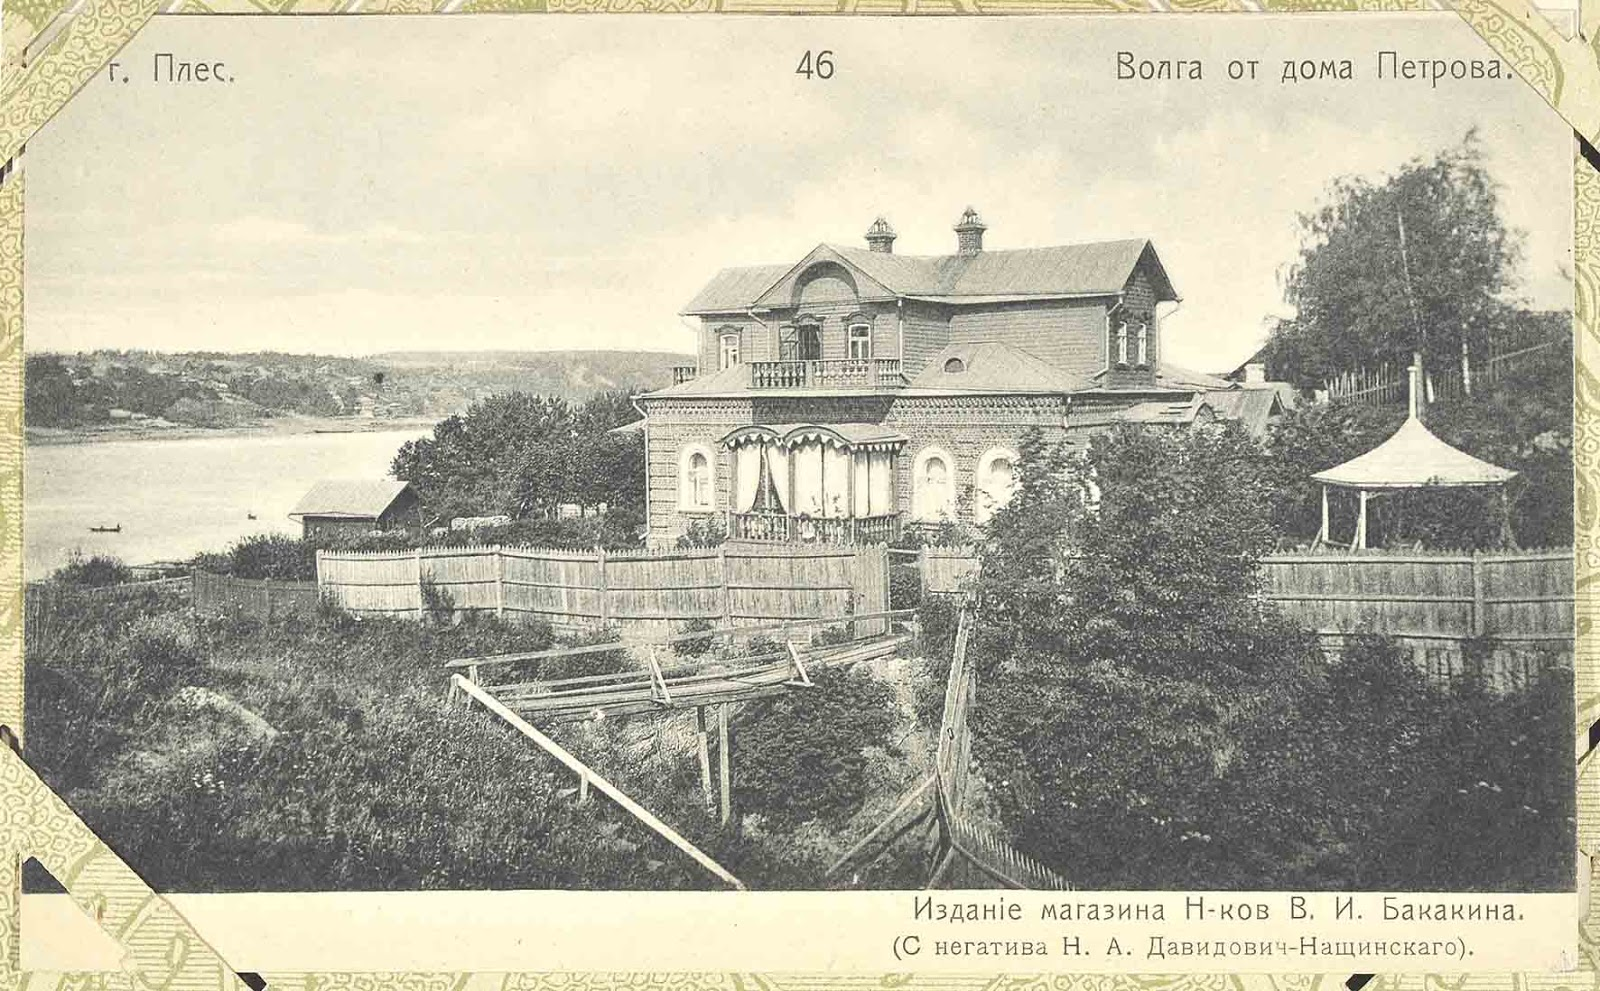 Волга от дома Петрова